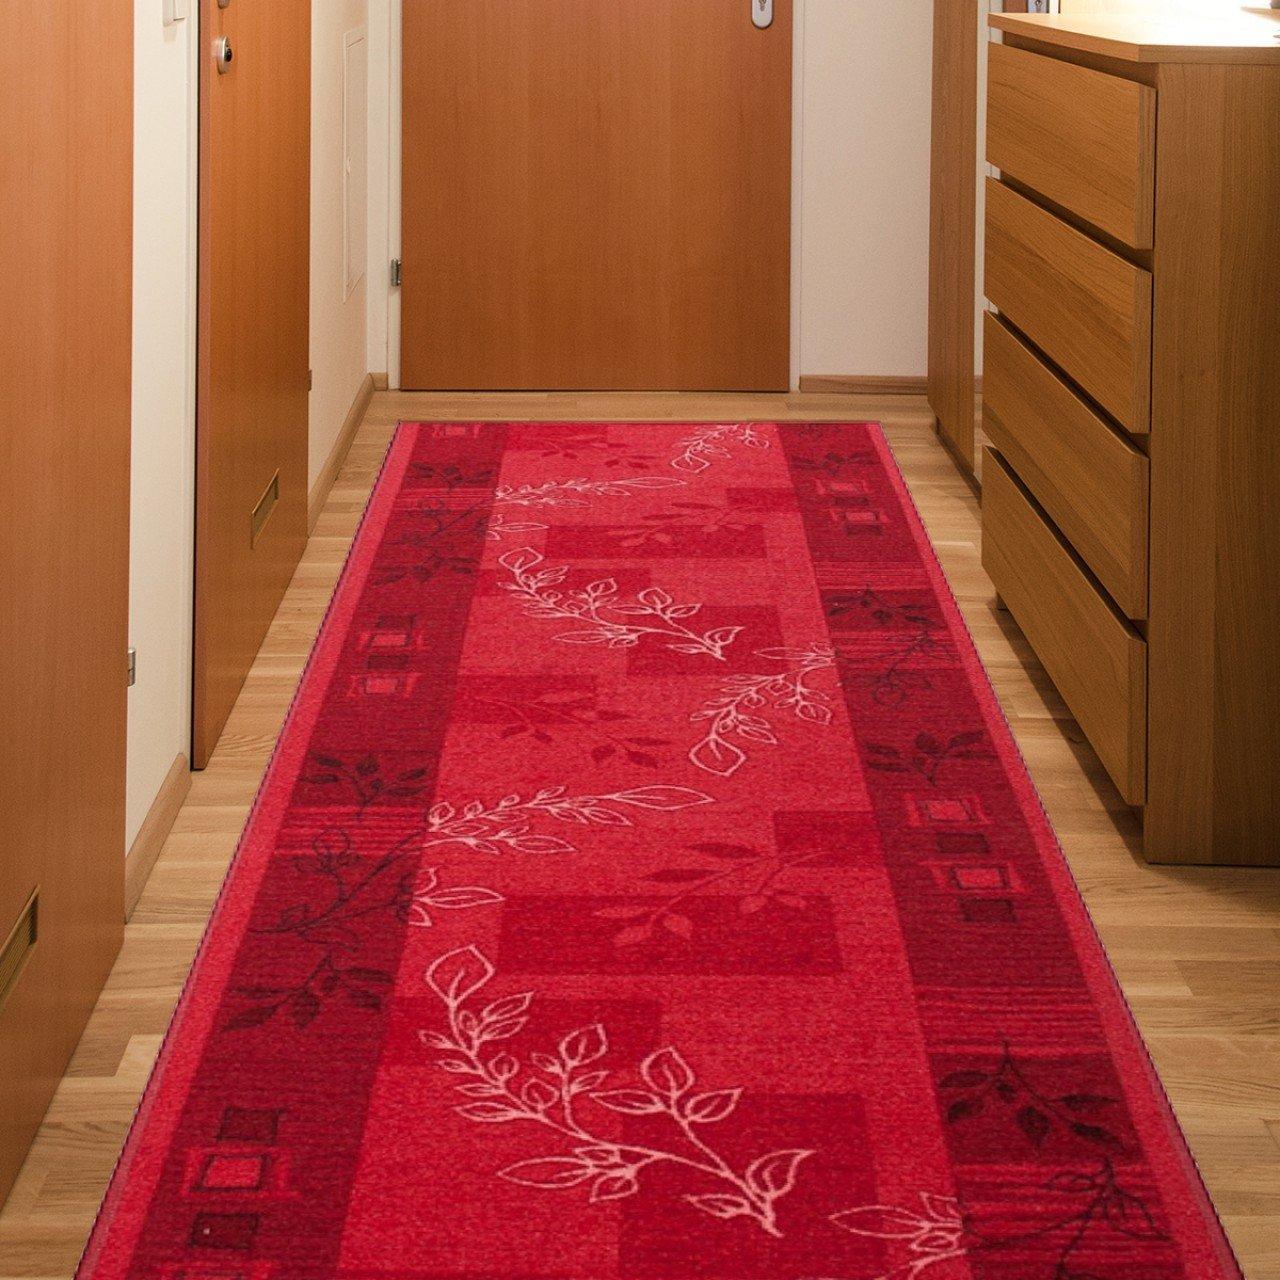 Tapiso Anti Rutsch Teppich Läufer Rutschfest Brücke Meterware Modern Rot Vierecke Floral Design Flur Küche Wohnzimmer 100 x 400 cm